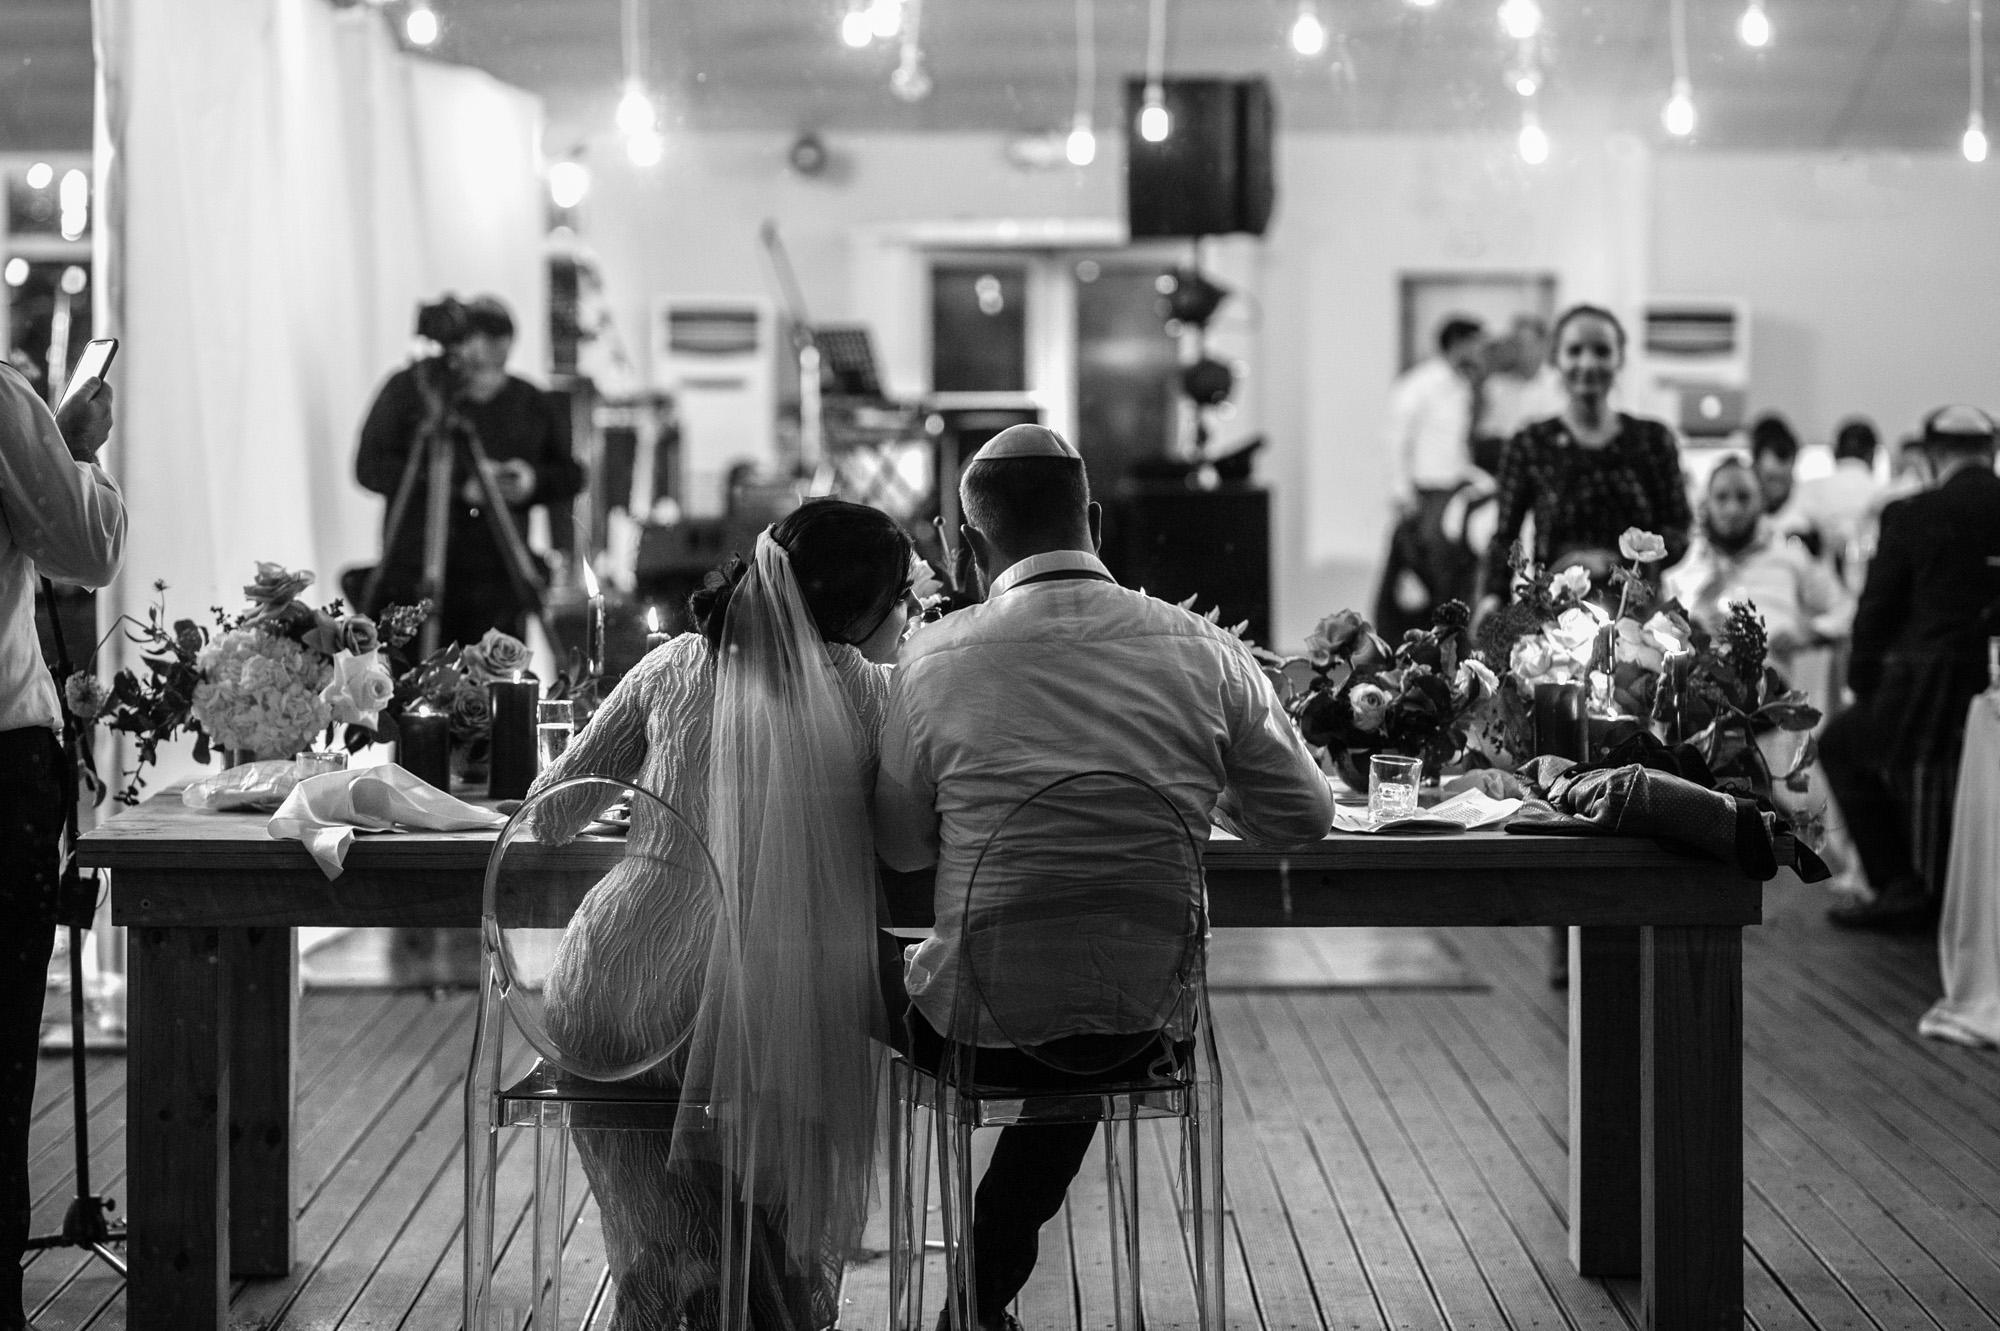 john-henry-wedding-photographer-aaron-devorah-the-lookout-099.JPG